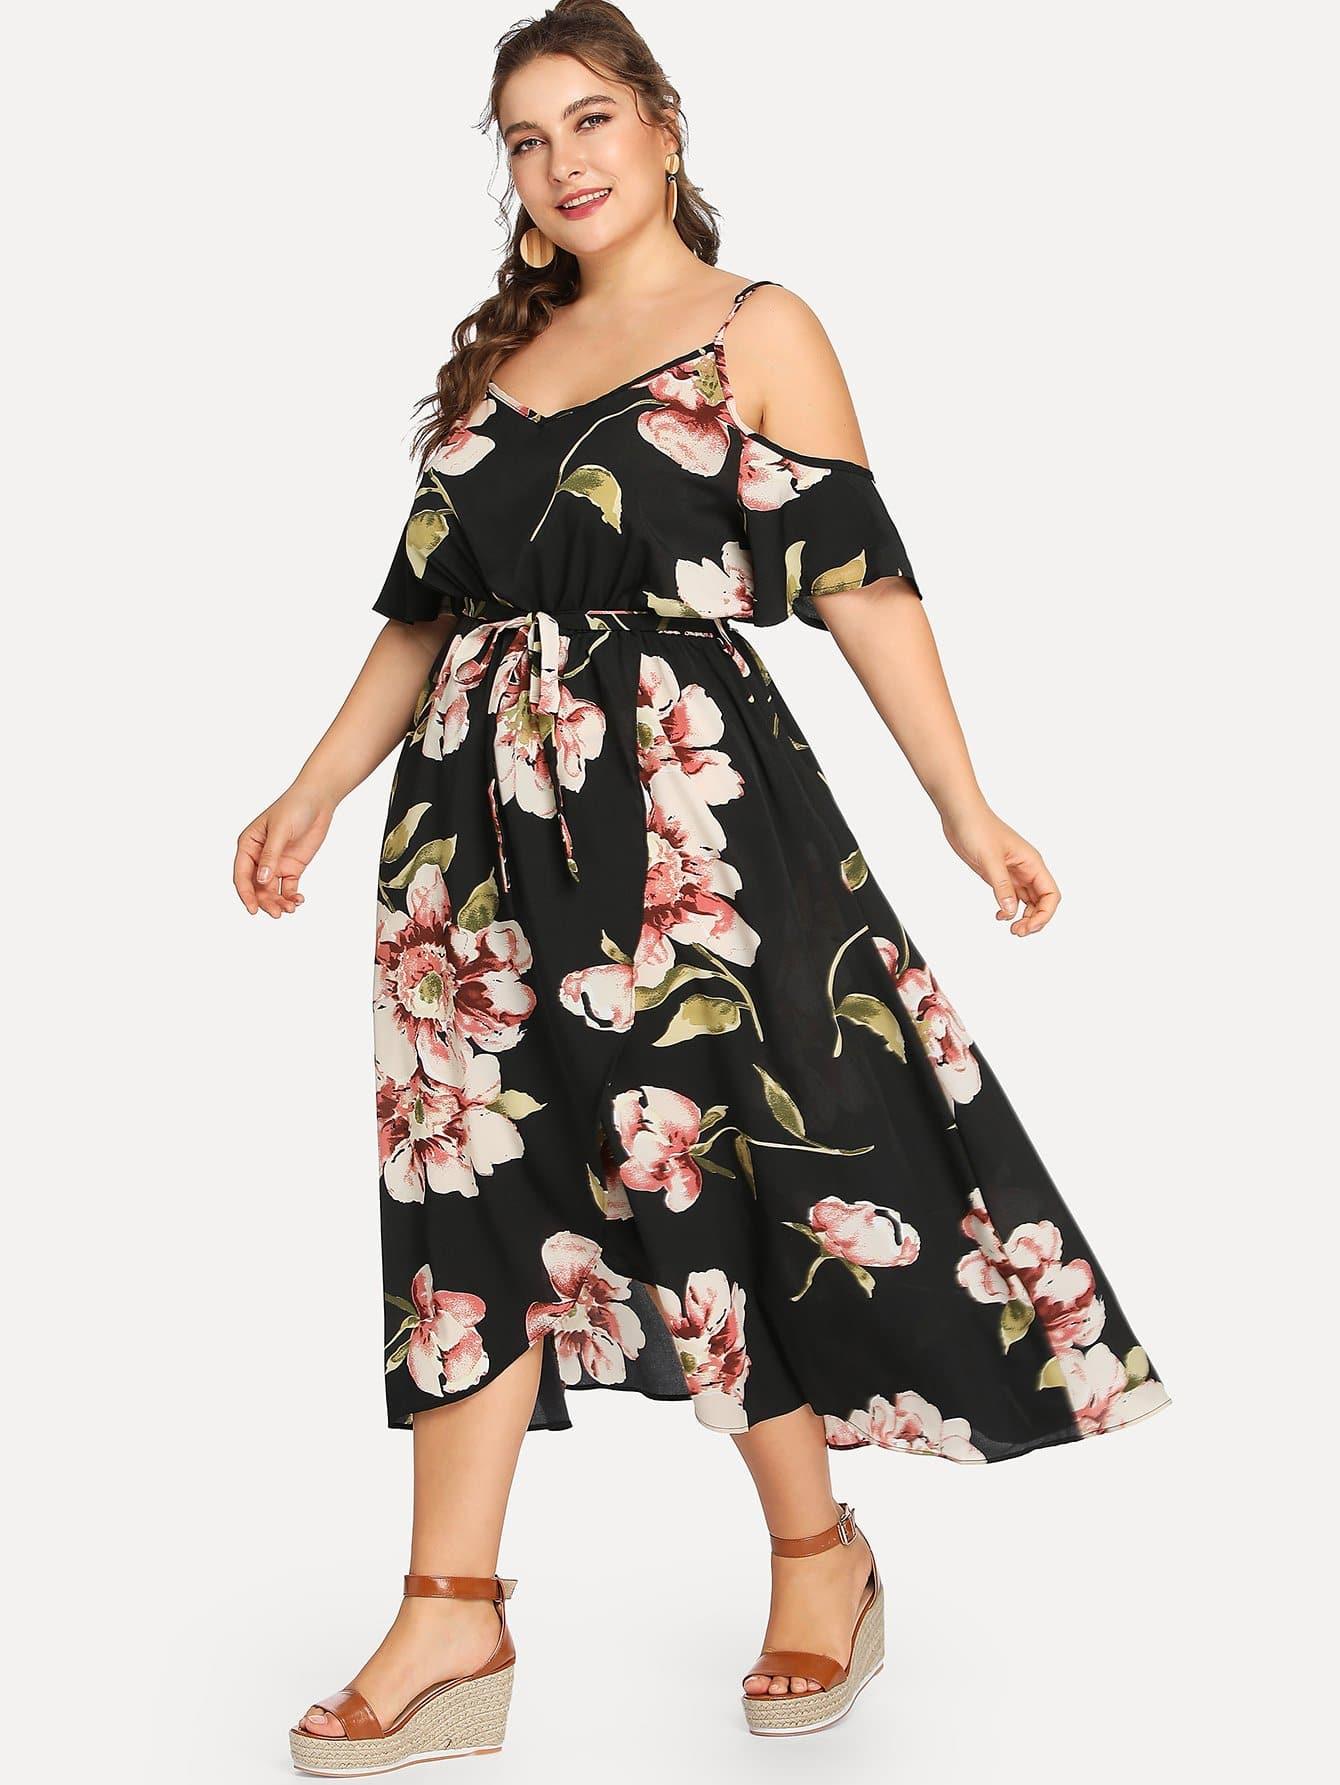 Купить Платье для принцессы с холодным плечевым поясом, Franziska, SheIn